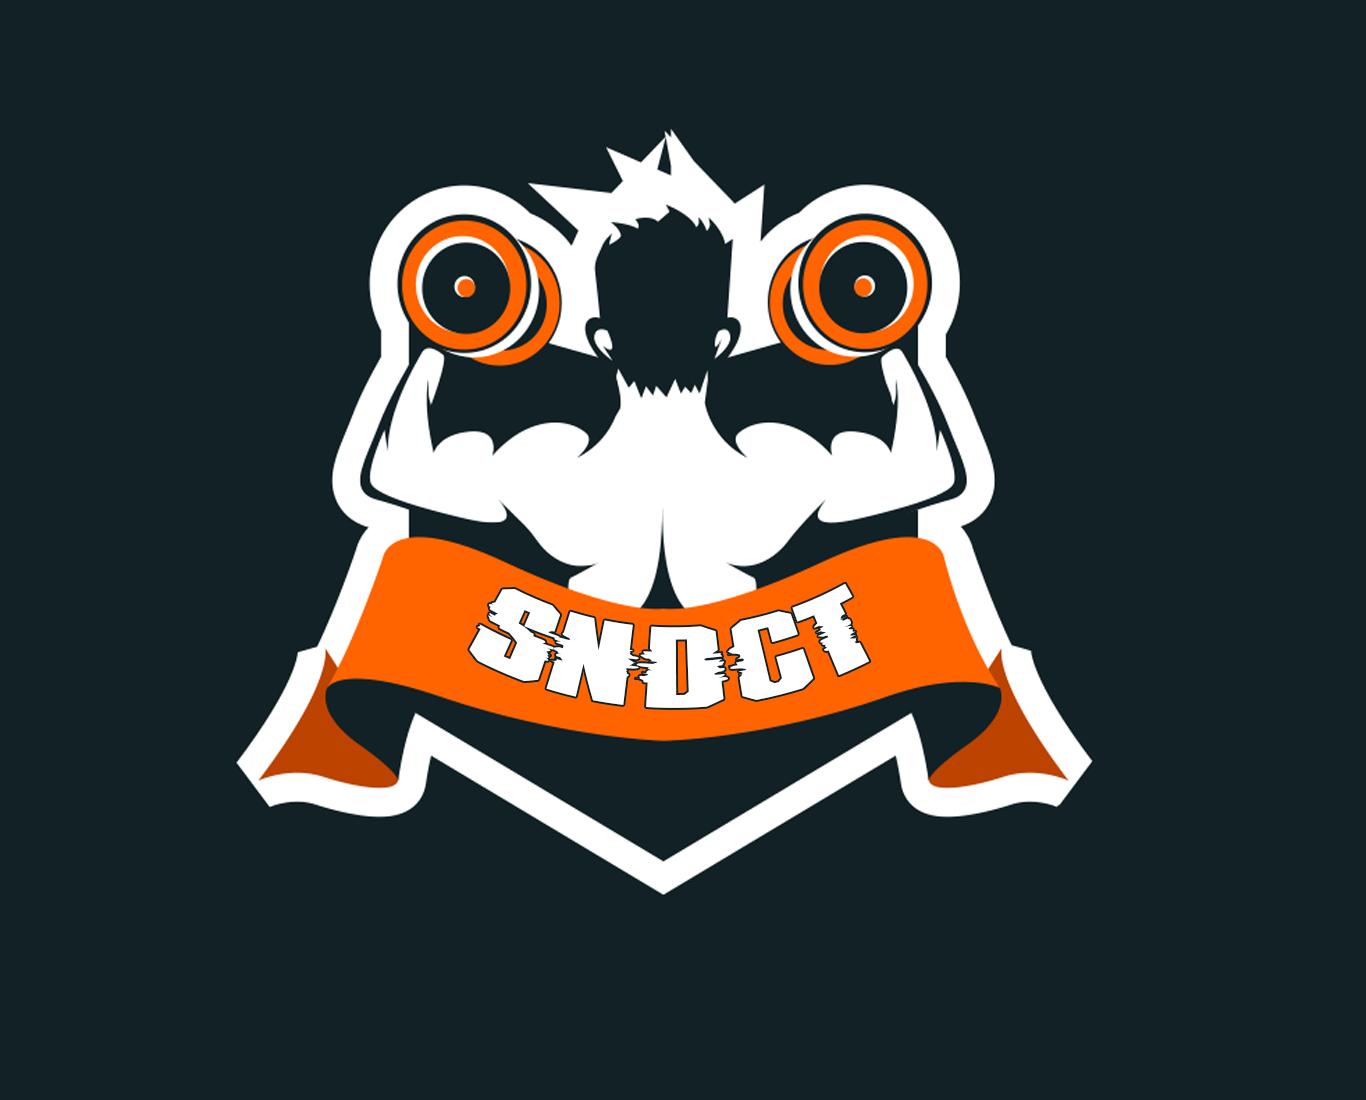 Создать логотип для сети магазинов спортивного питания фото f_1745976264fc8c7e.jpg